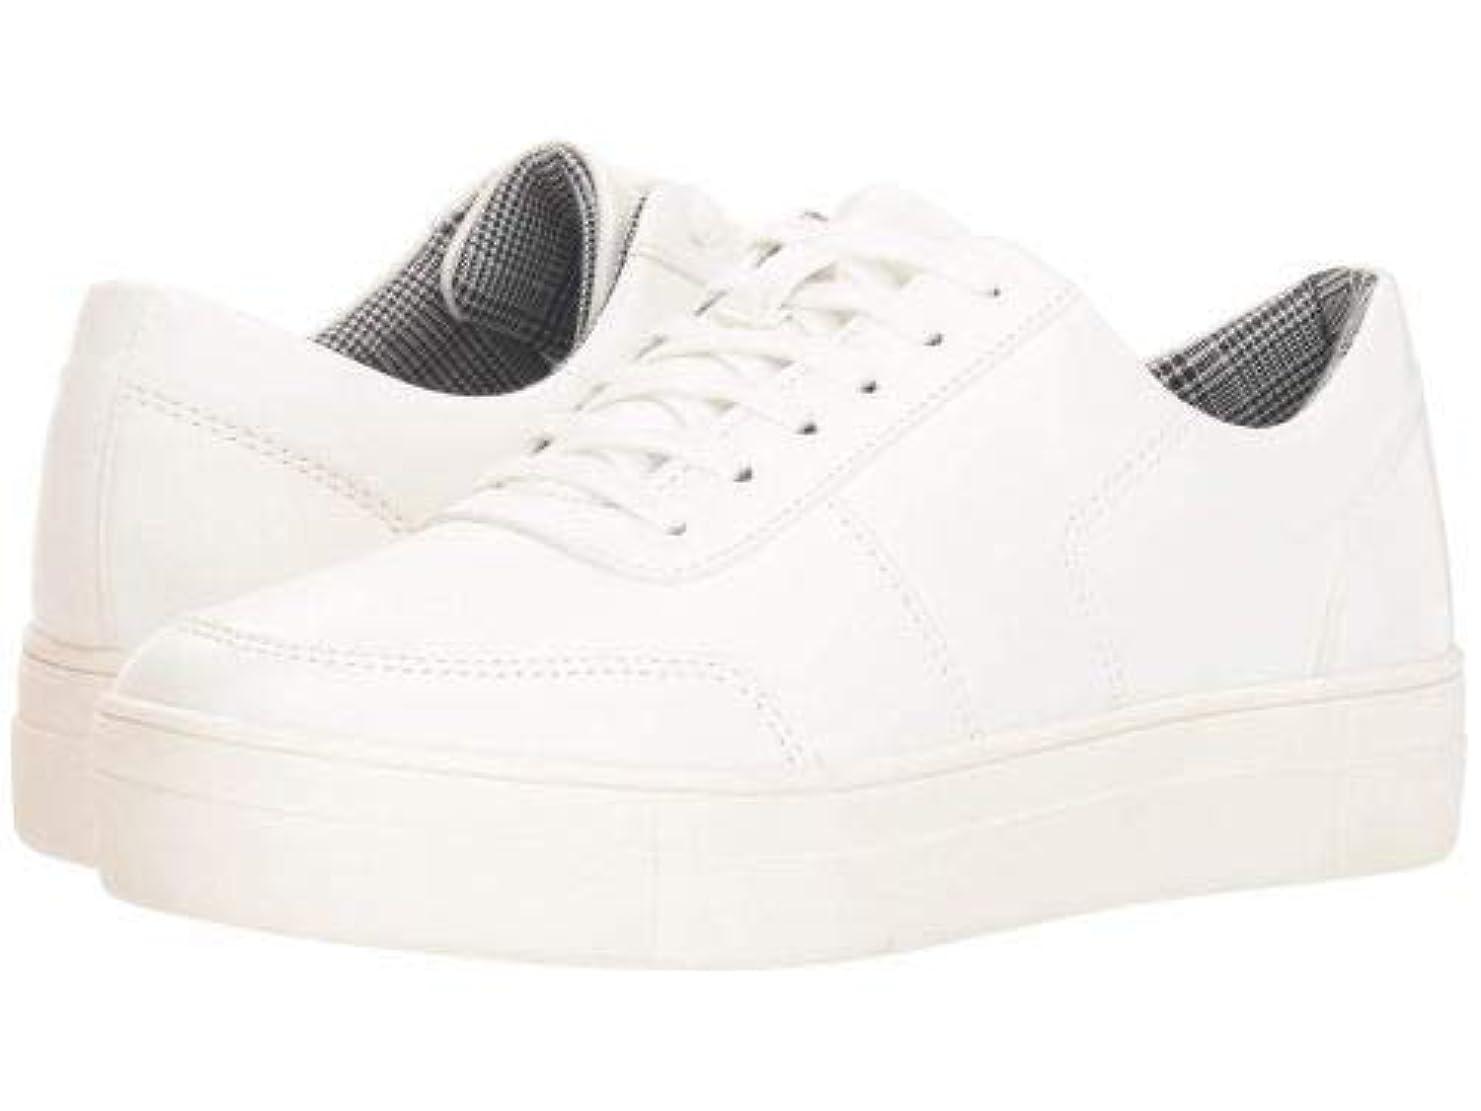 免除するそれ何十人もAldo(アルド) レディース 女性用 シューズ 靴 スニーカー 運動靴 Etienia - White [並行輸入品]